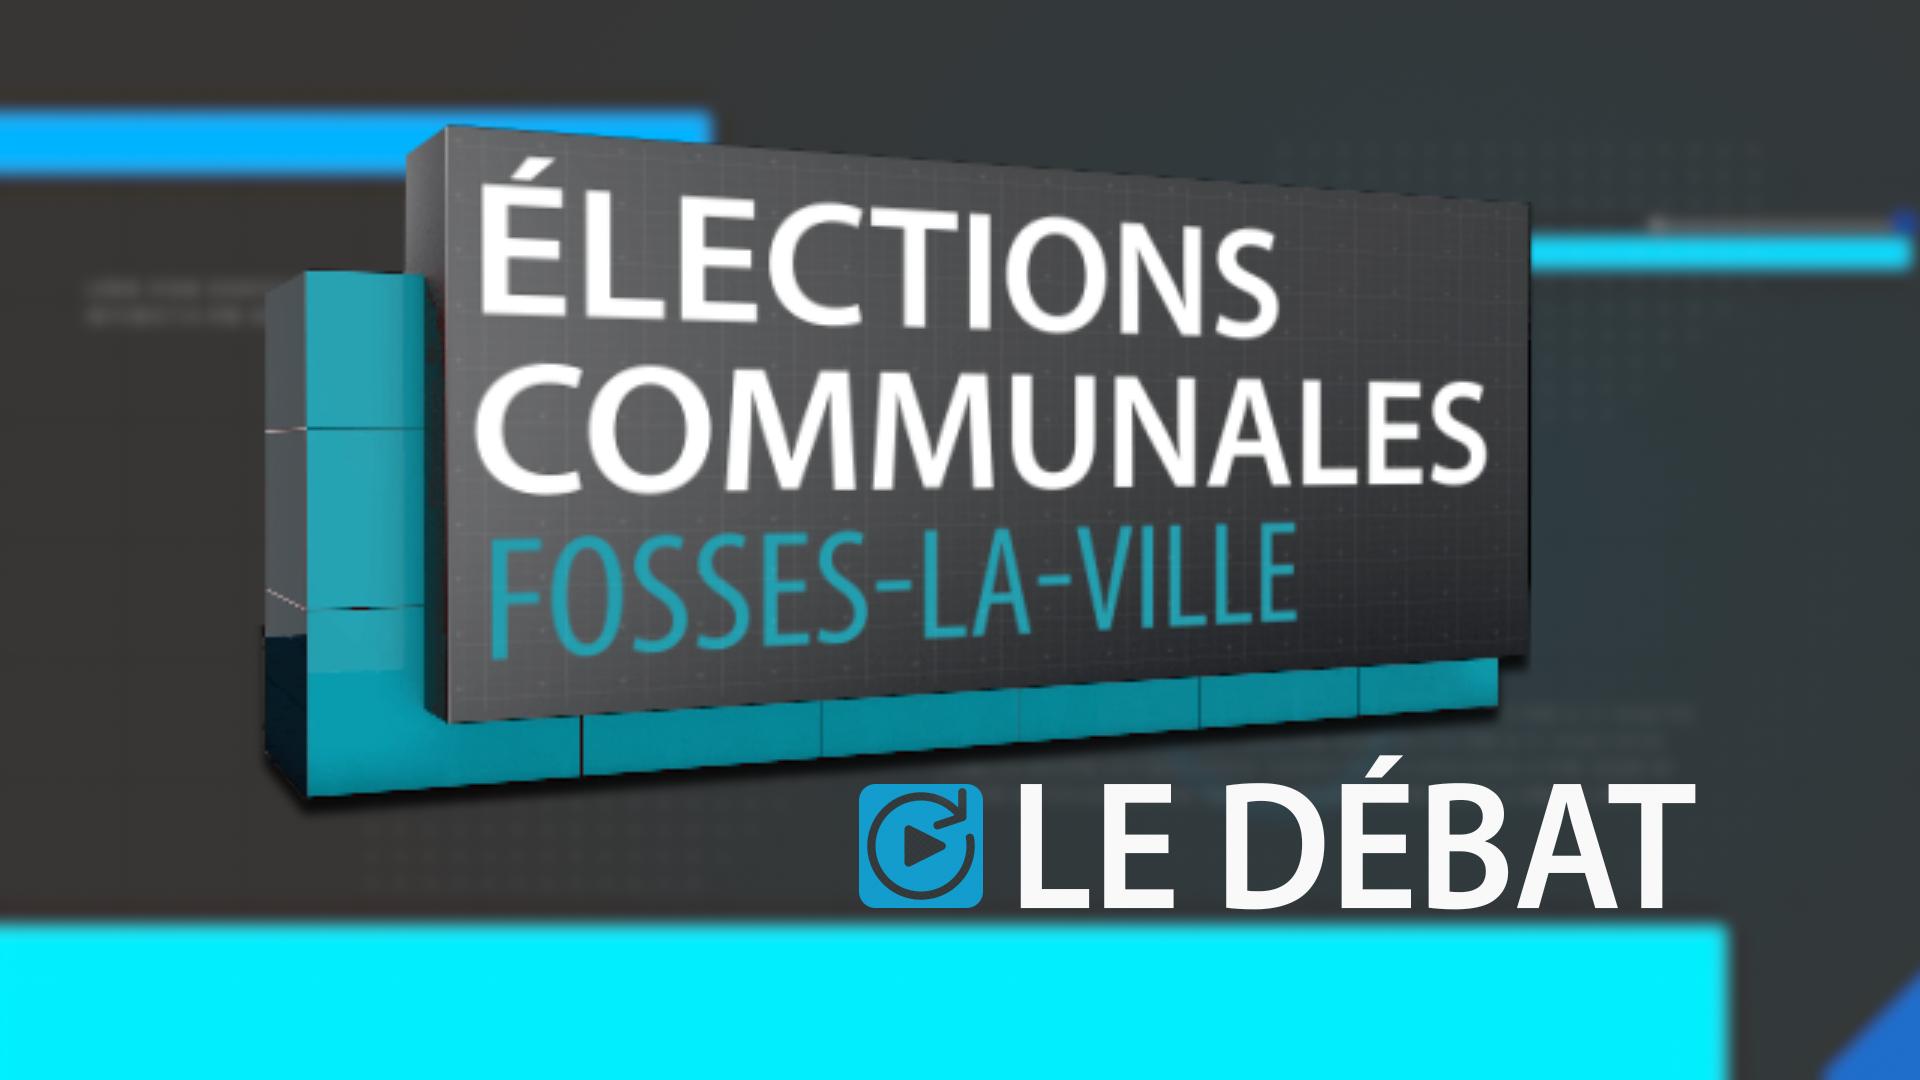 Communales 2018 : Fosses-la-Ville - Le débat